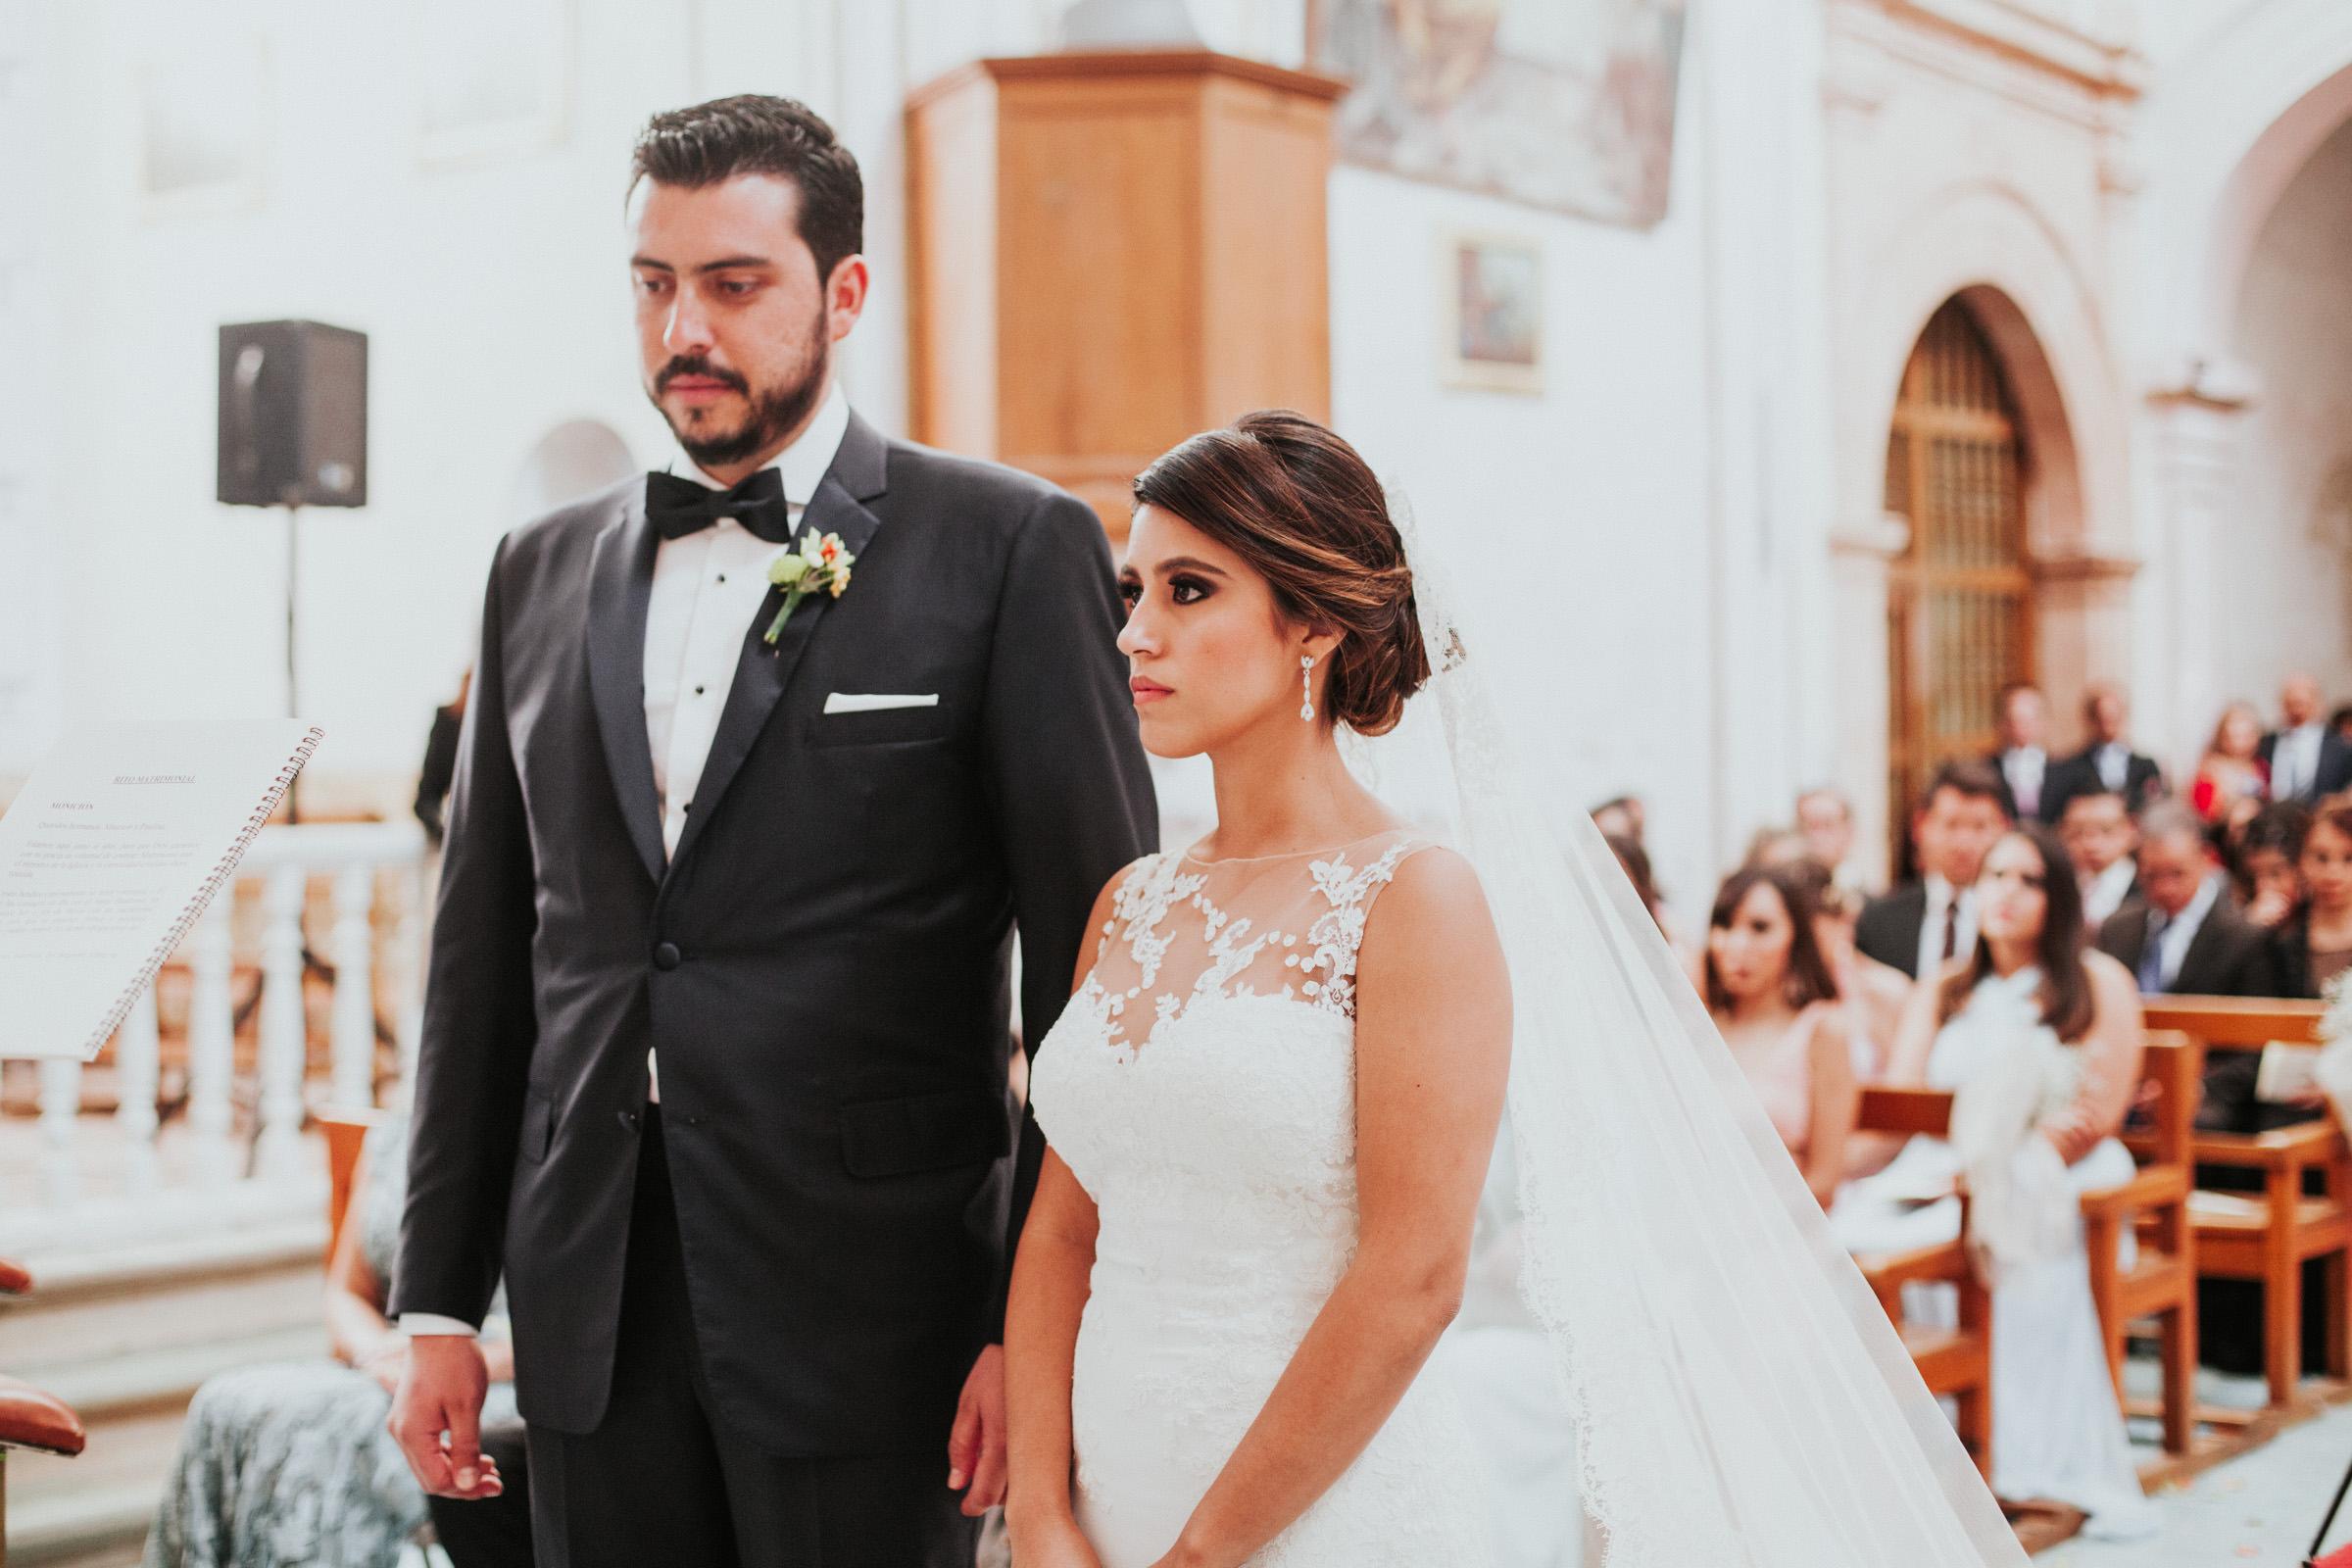 Boda-Guanajuato-Camino-de-Vinos-San-Miguel-Allende-Wedding-Fotografia-Paulina-Mauricio-Pierce0172.JPG